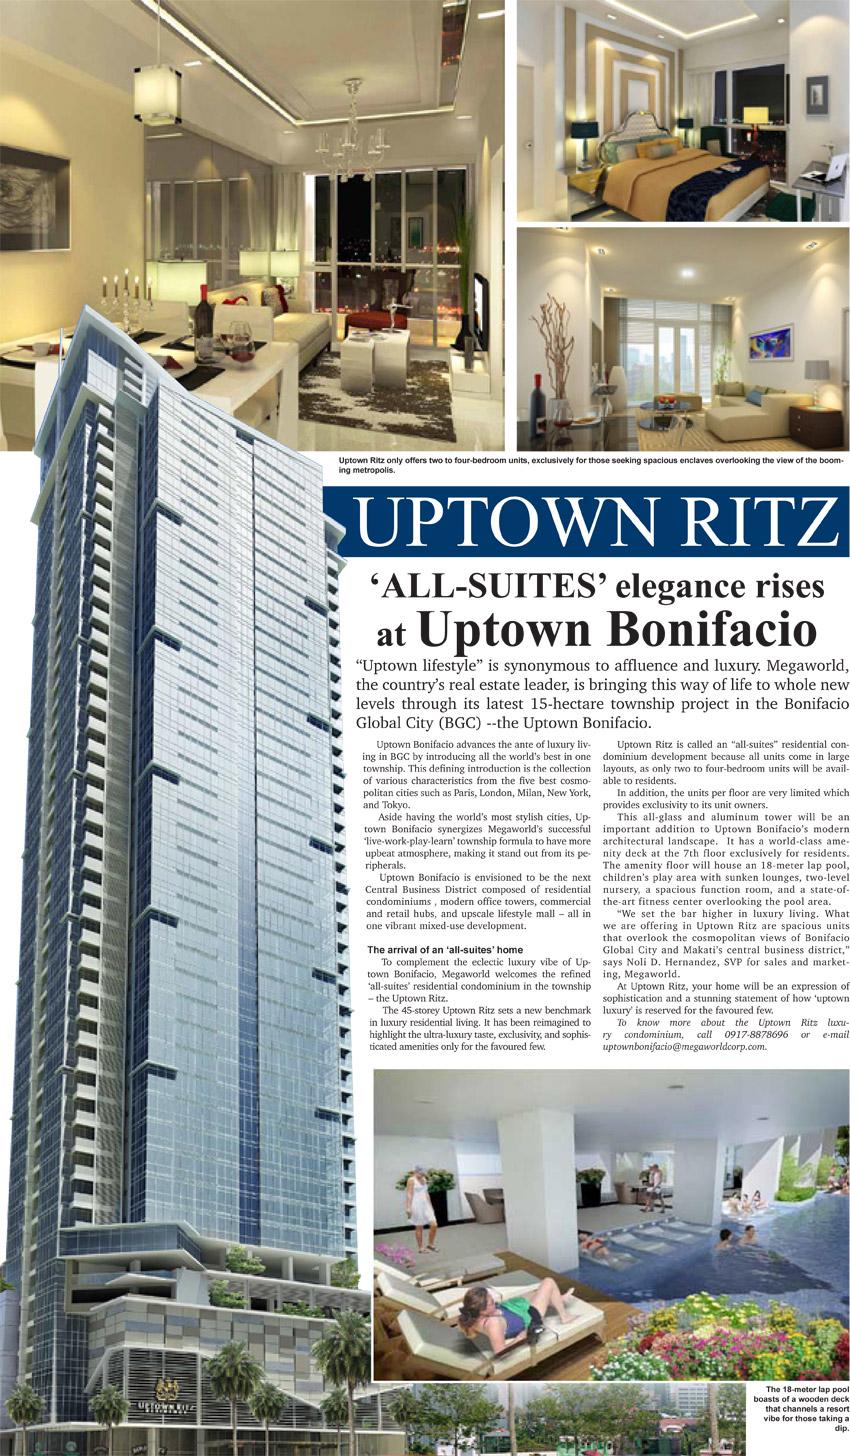 uptown-ritz-news